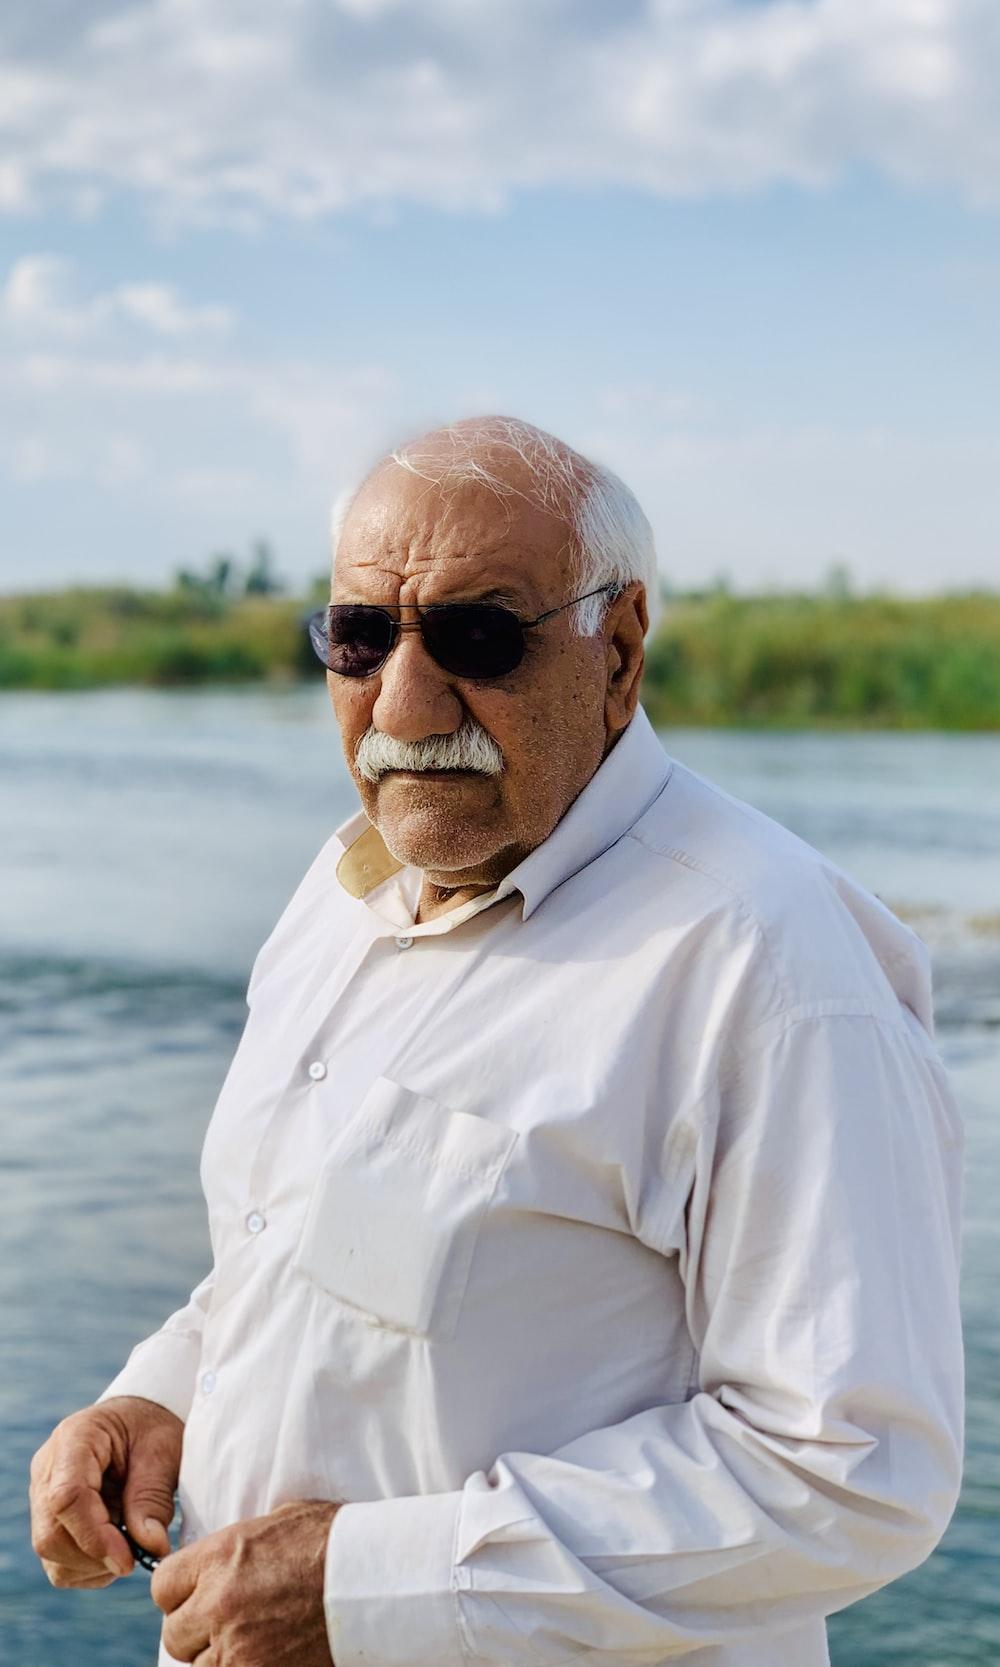 man wearing dress shirt and sunglasses